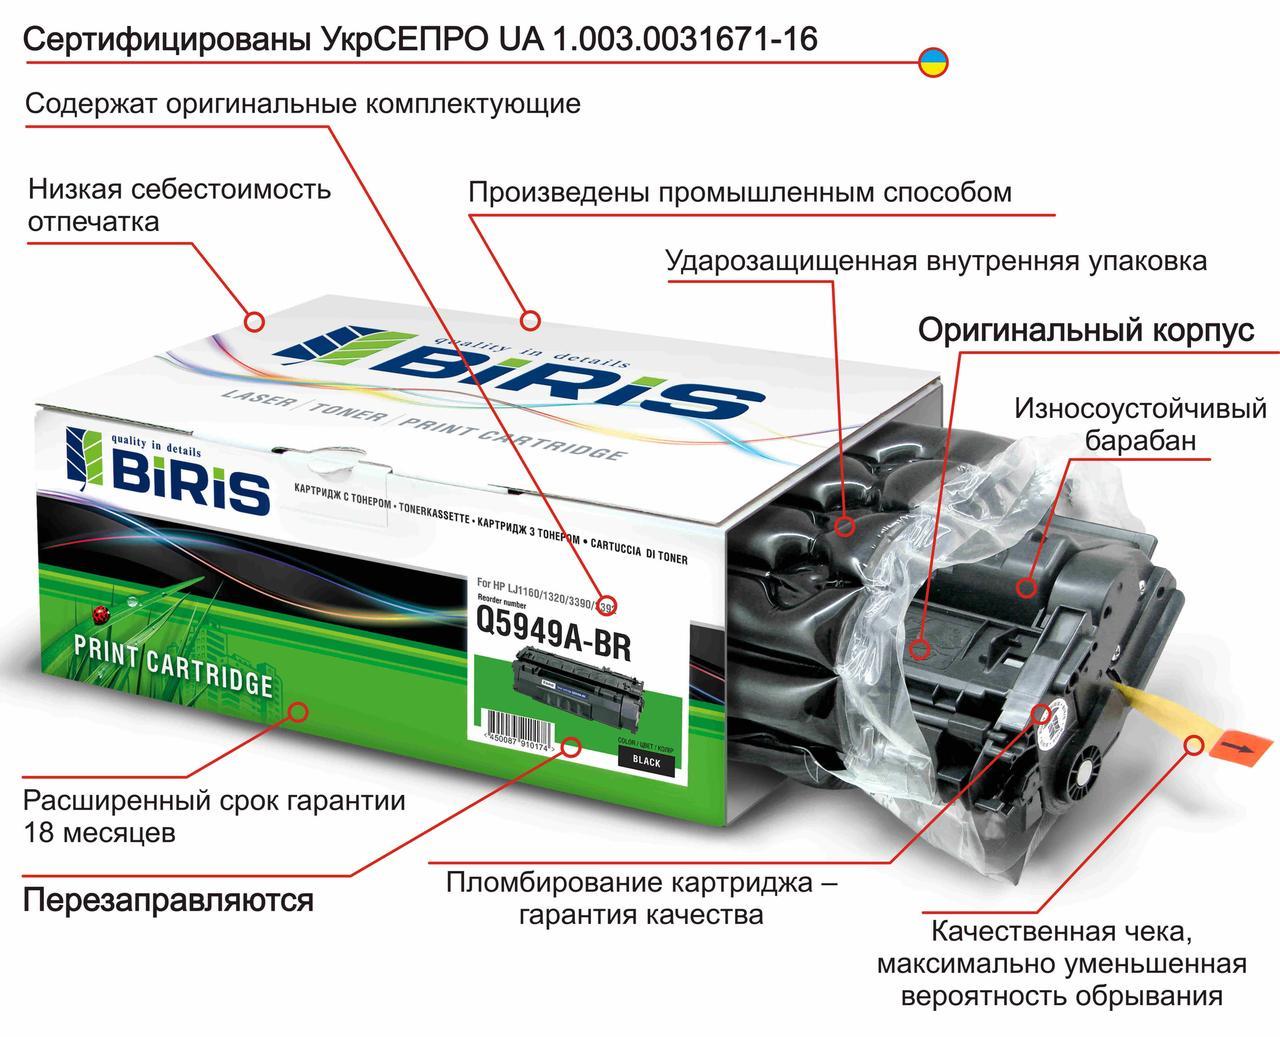 Картридж  CF230A для HP M203/M227 с ЧИПом оригинальный Biris